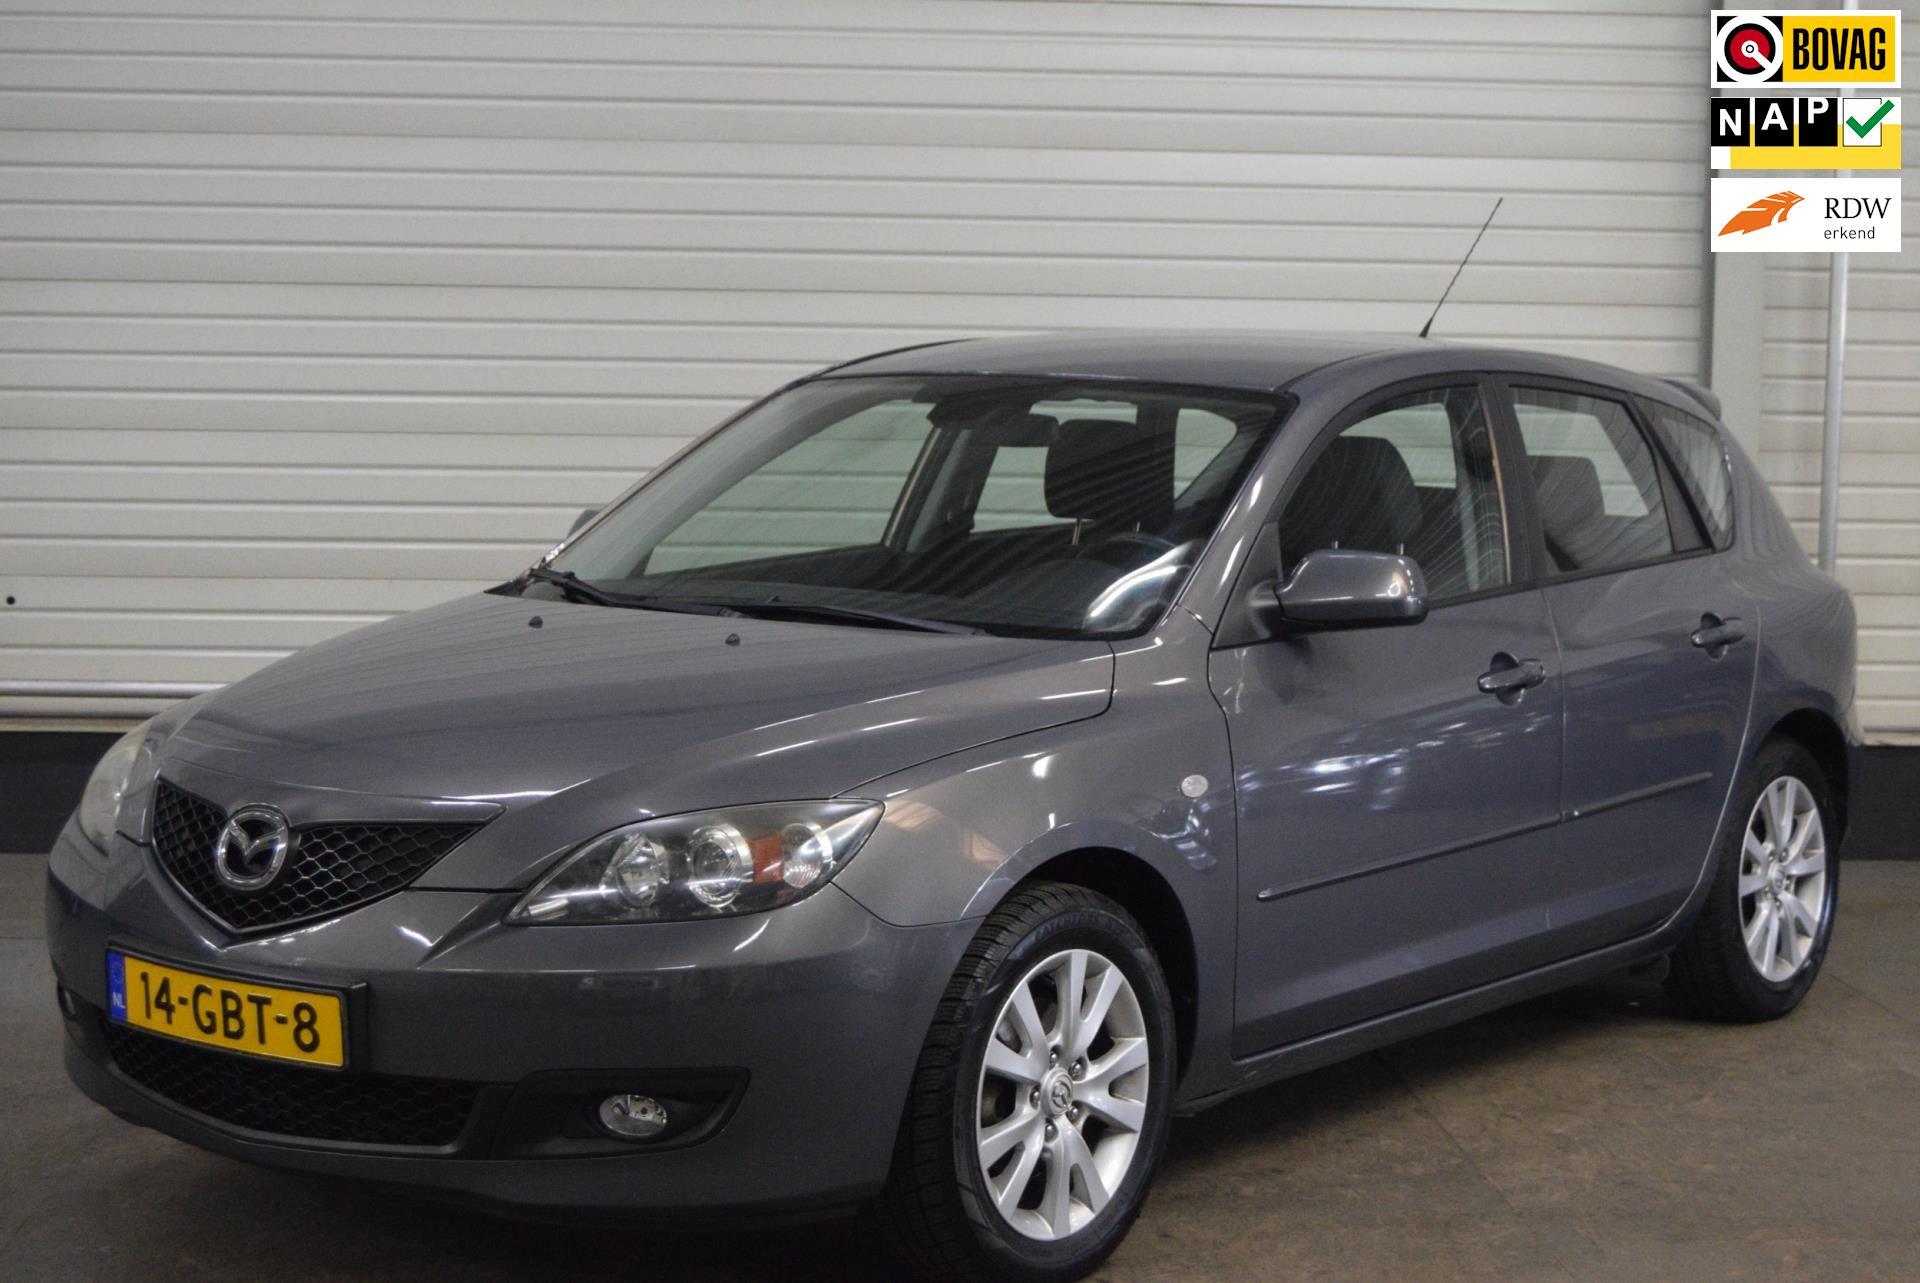 Mazda 3 occasion - Autobedrijf van de Werken bv